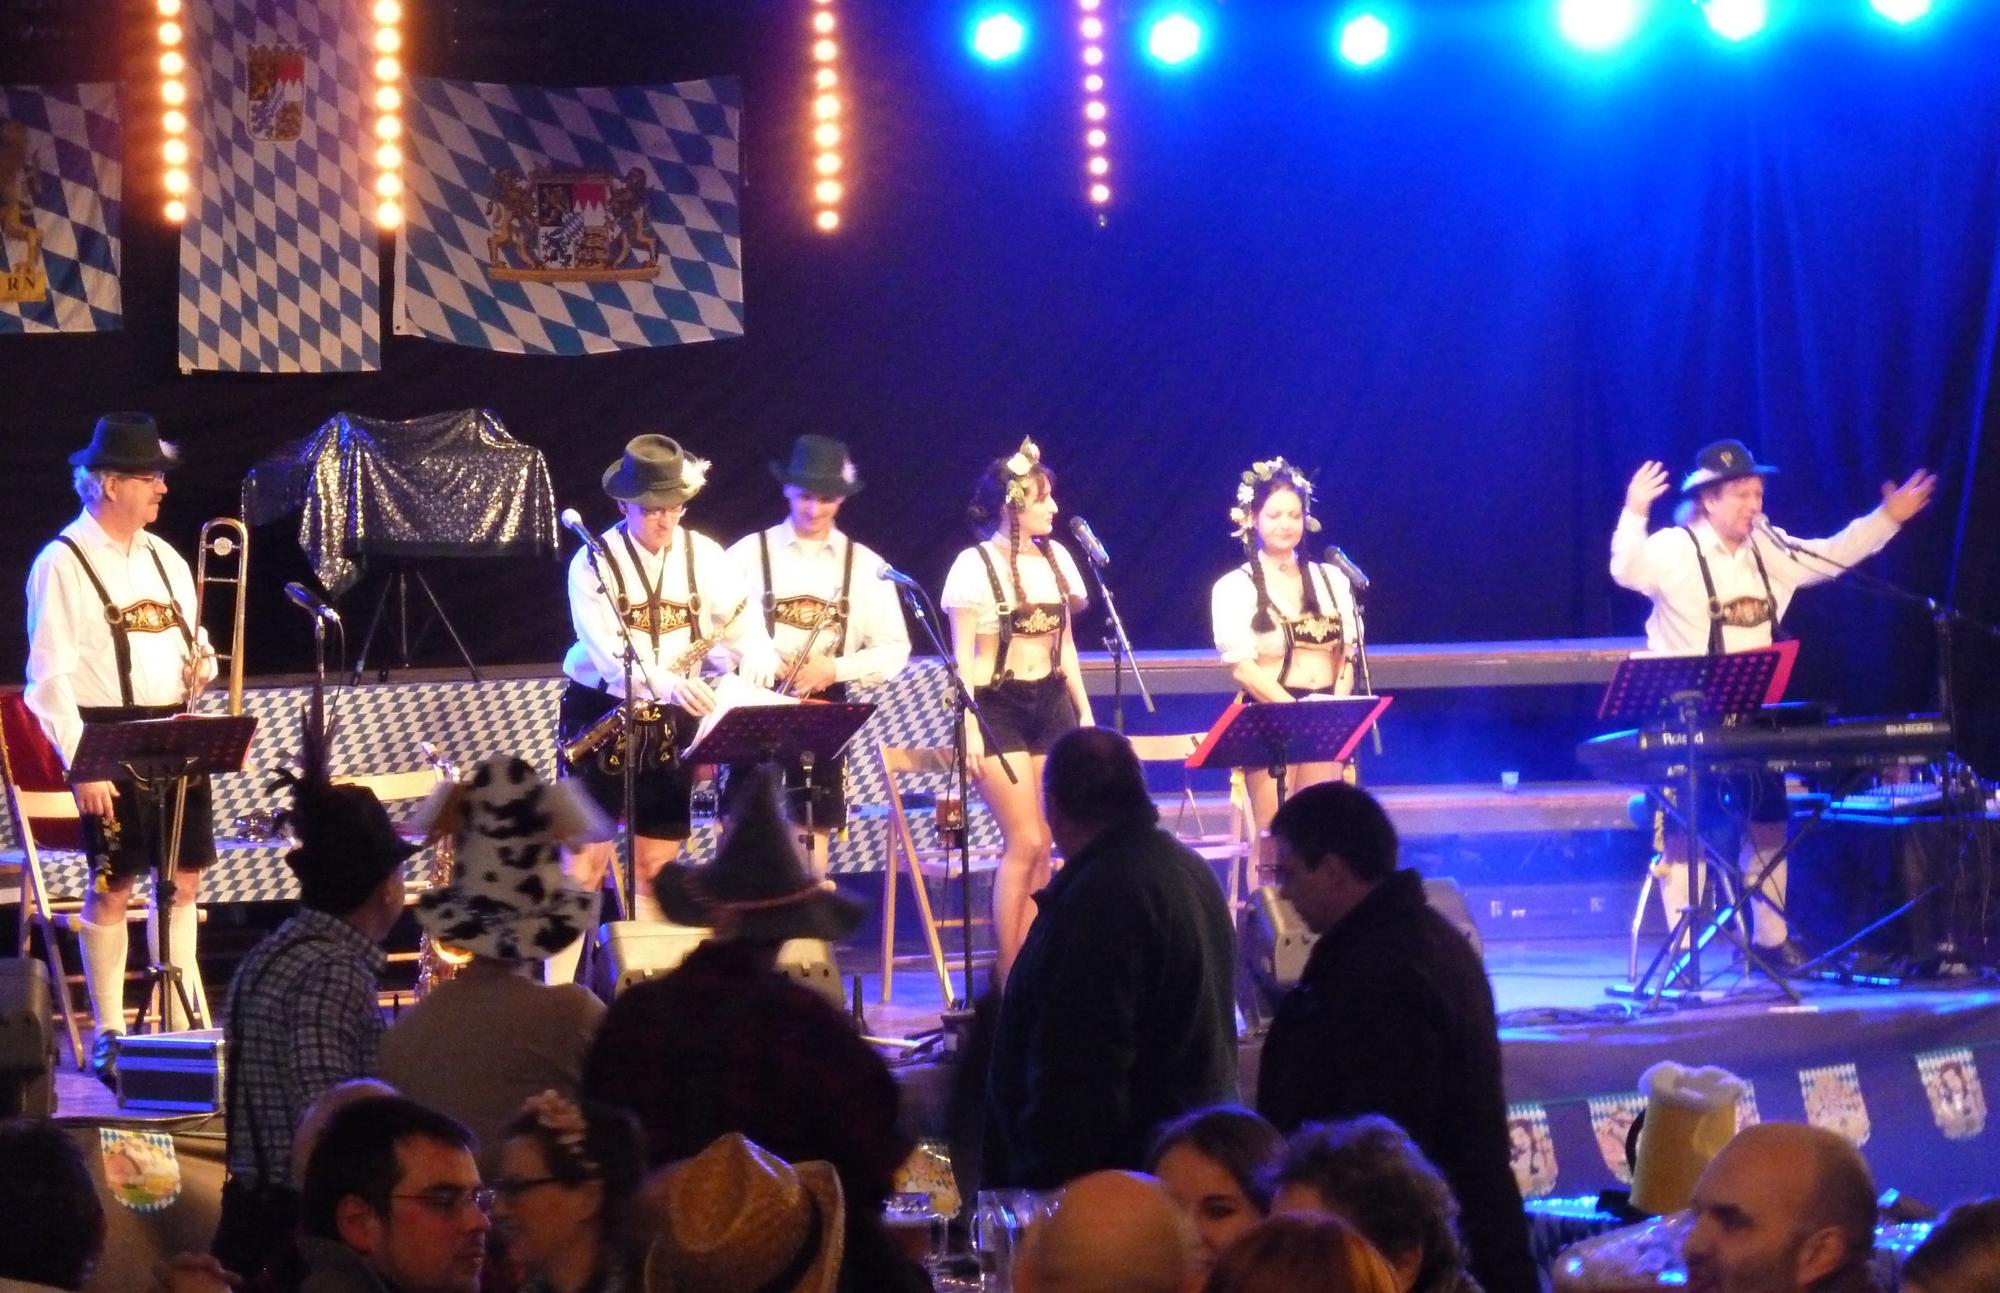 3 Orchestre bavarois à Sion ch, jeudi 12 février Carnaval 2015